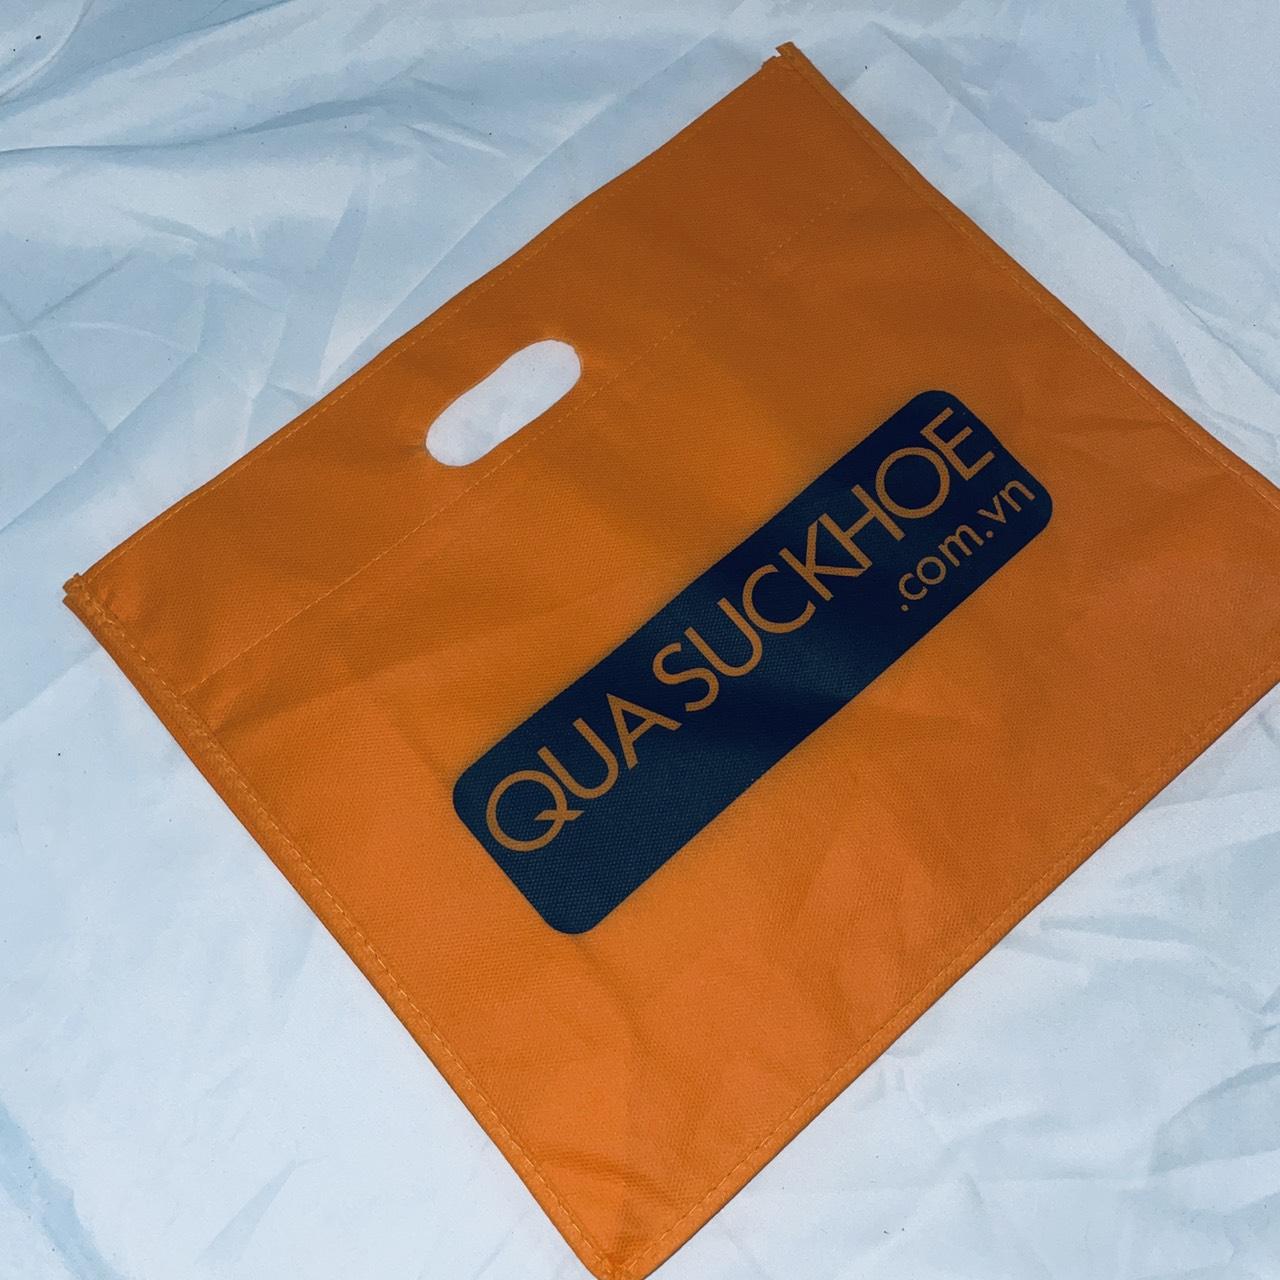 mẫu túi vải không dệt in logo